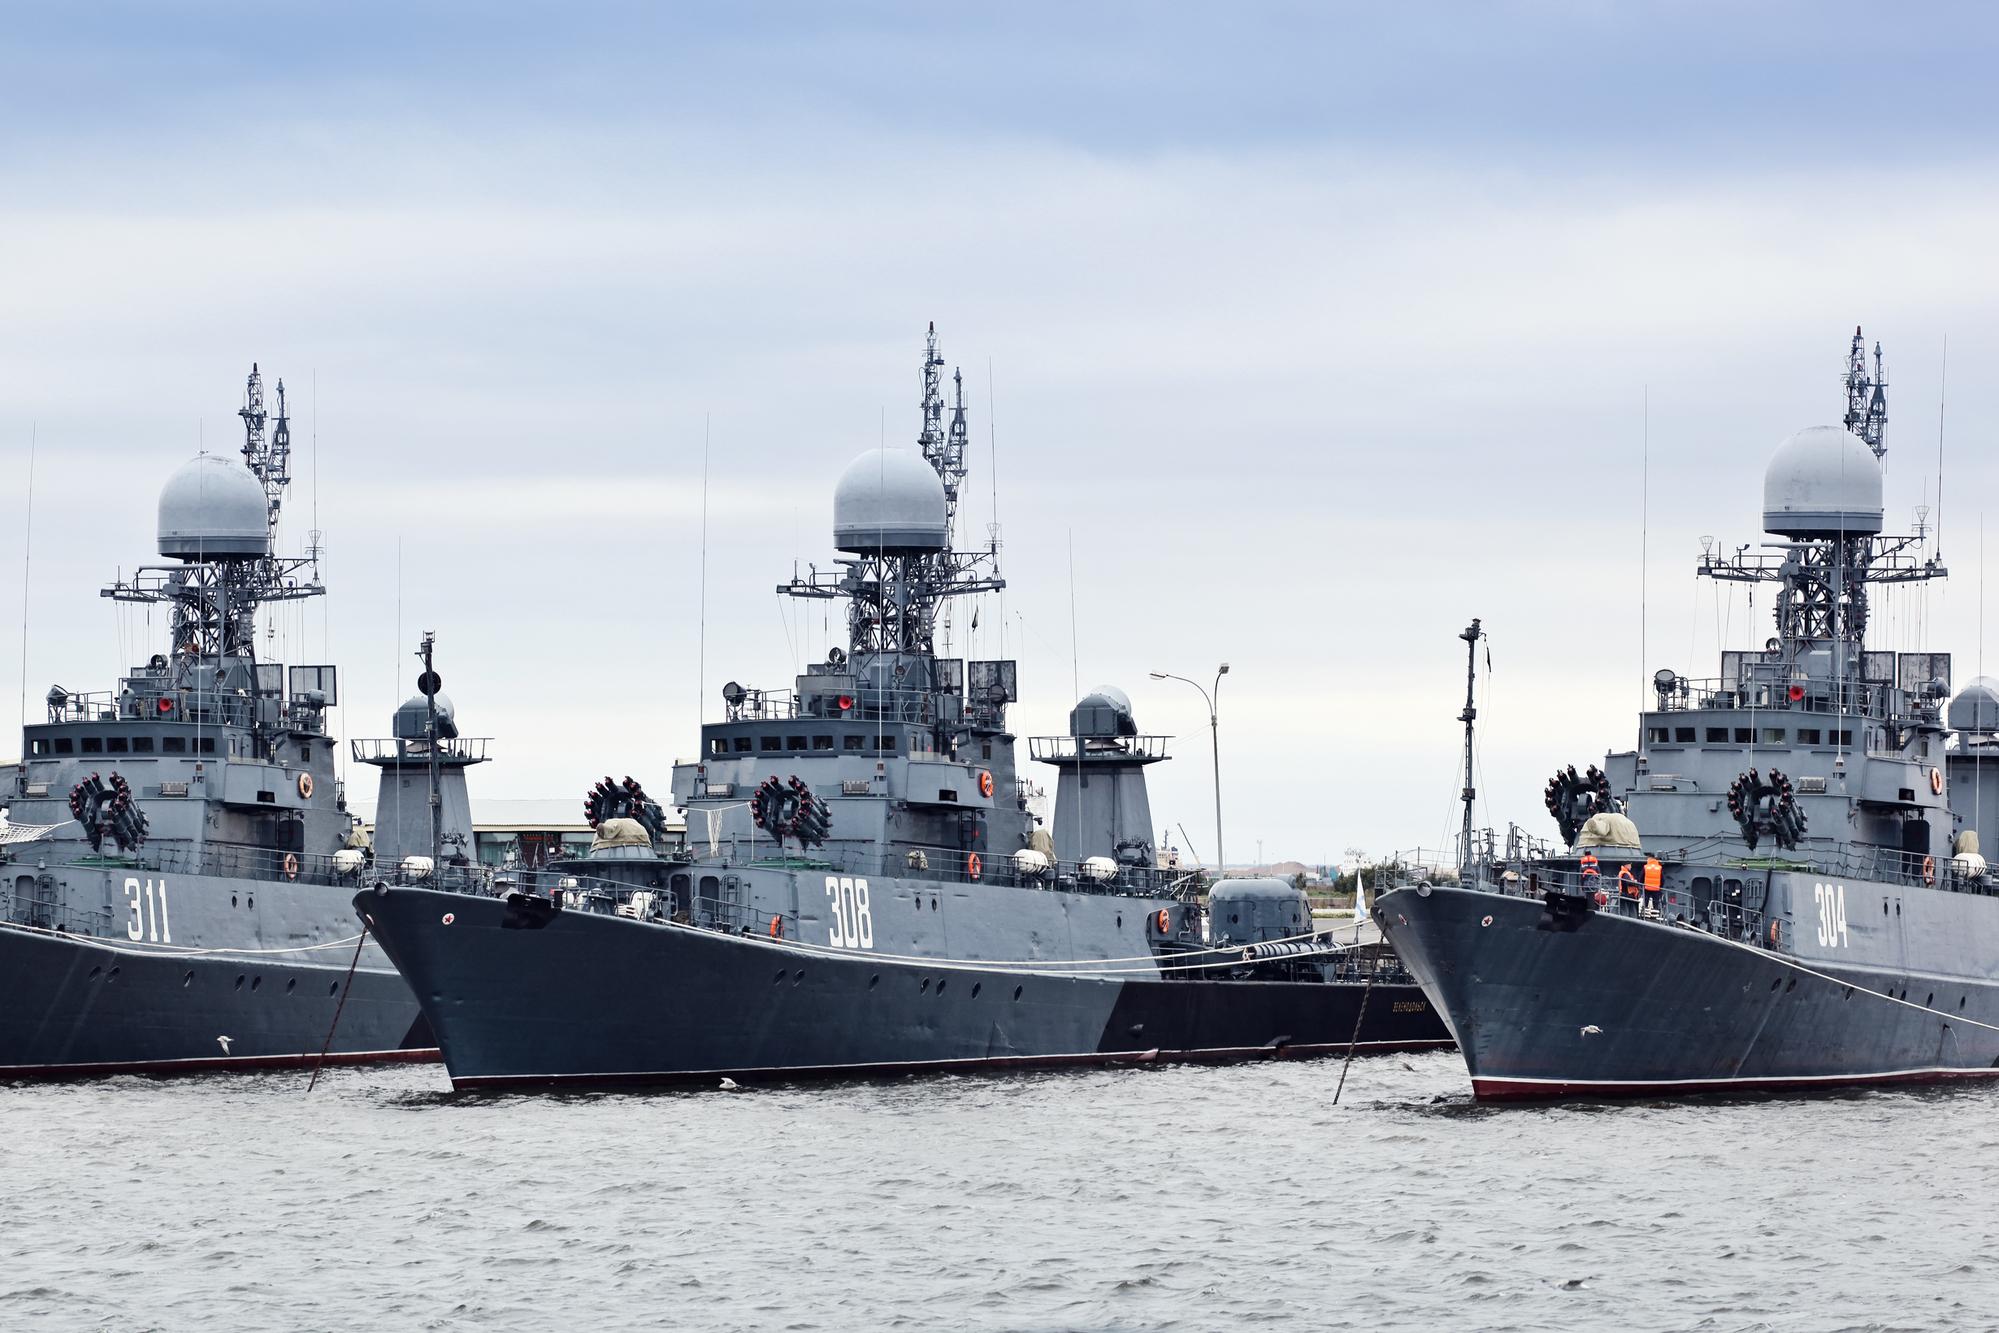 Любимый, картинки российской армии и флота